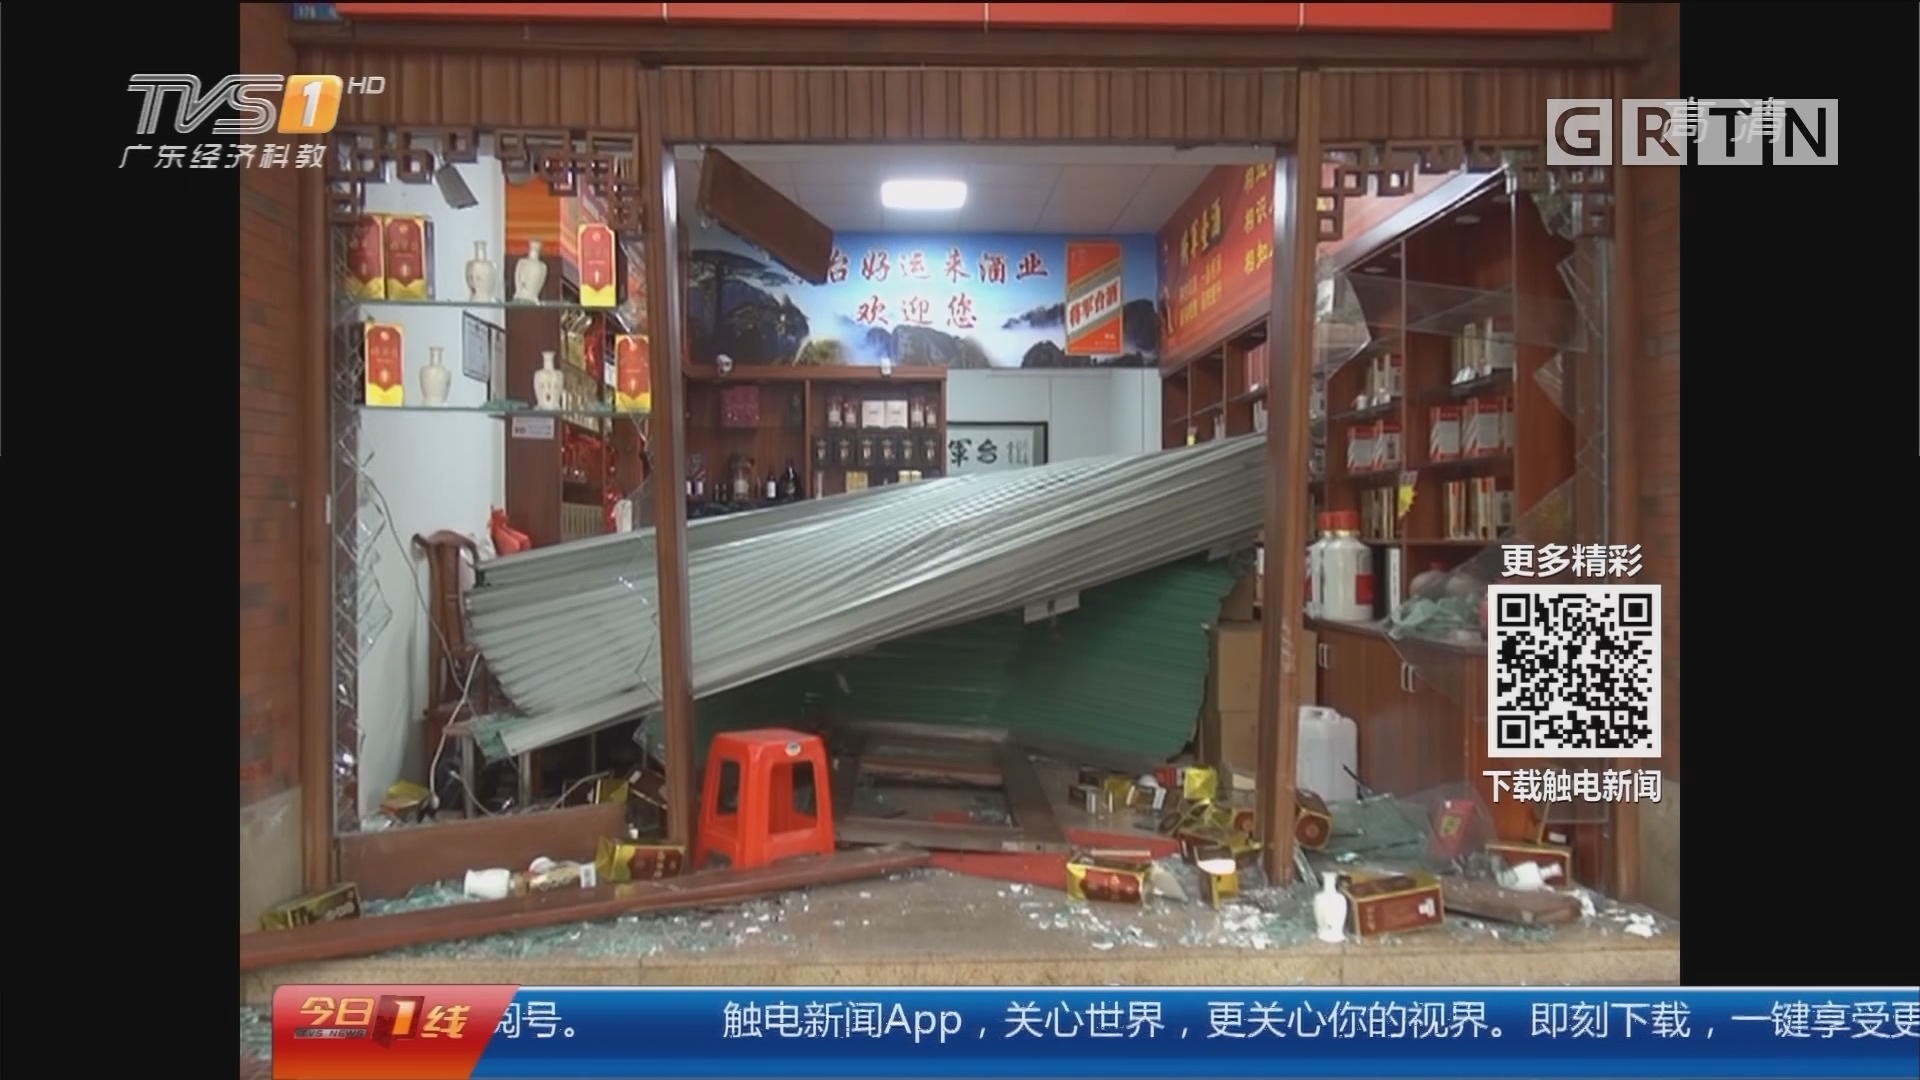 梅州:小车疑倒车失误 撞入商铺